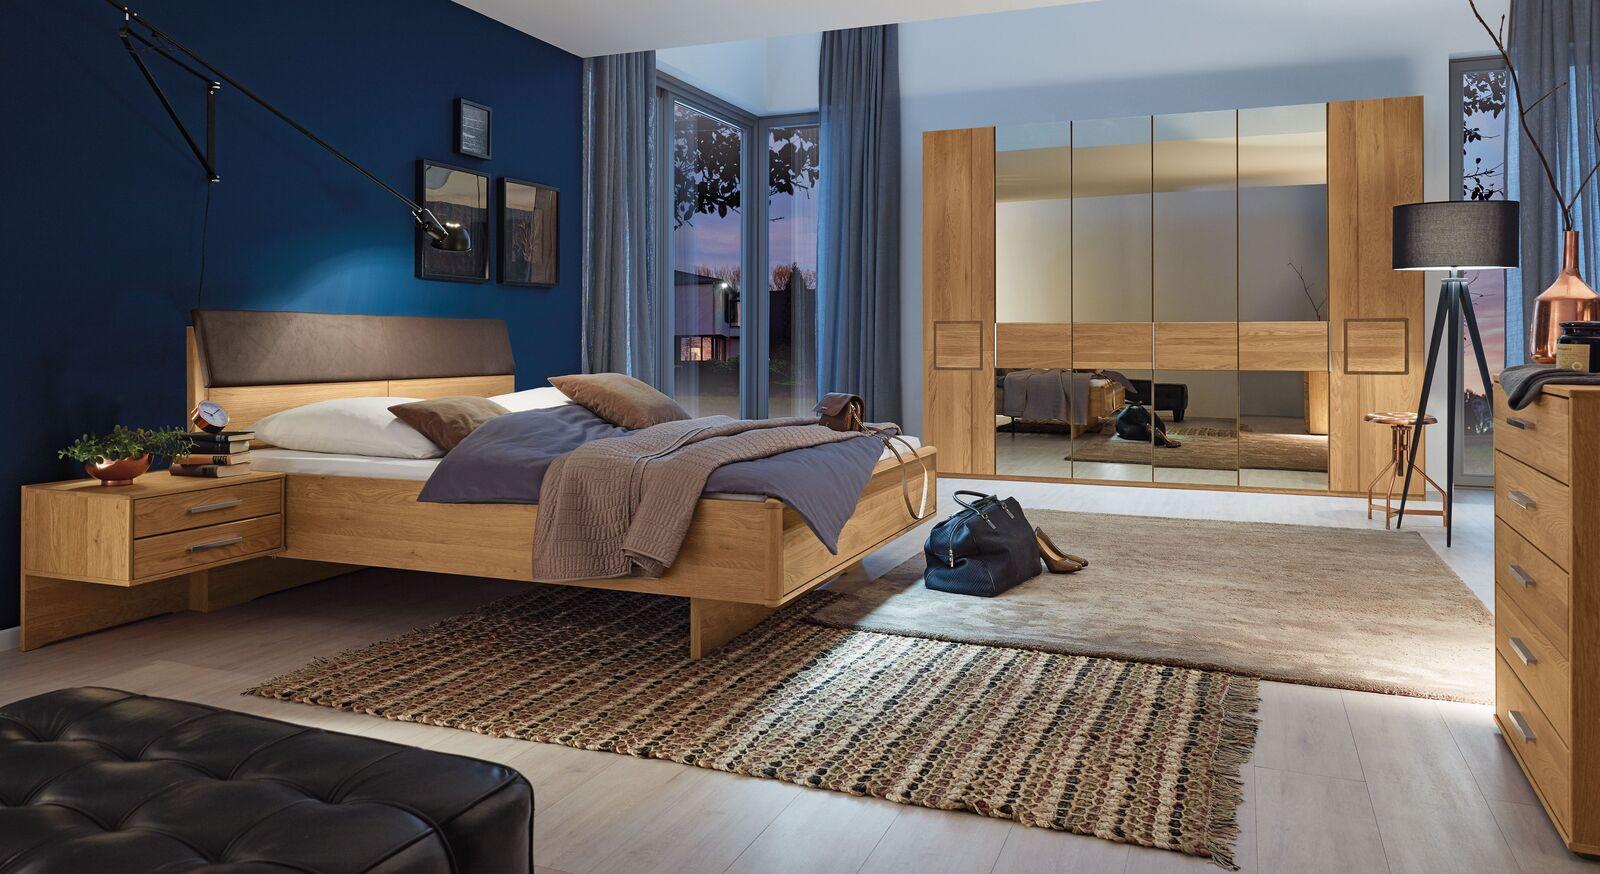 MUSTERRING Schlafzimmer Samoa mit Drehtürenschrank in stilvoller Optik